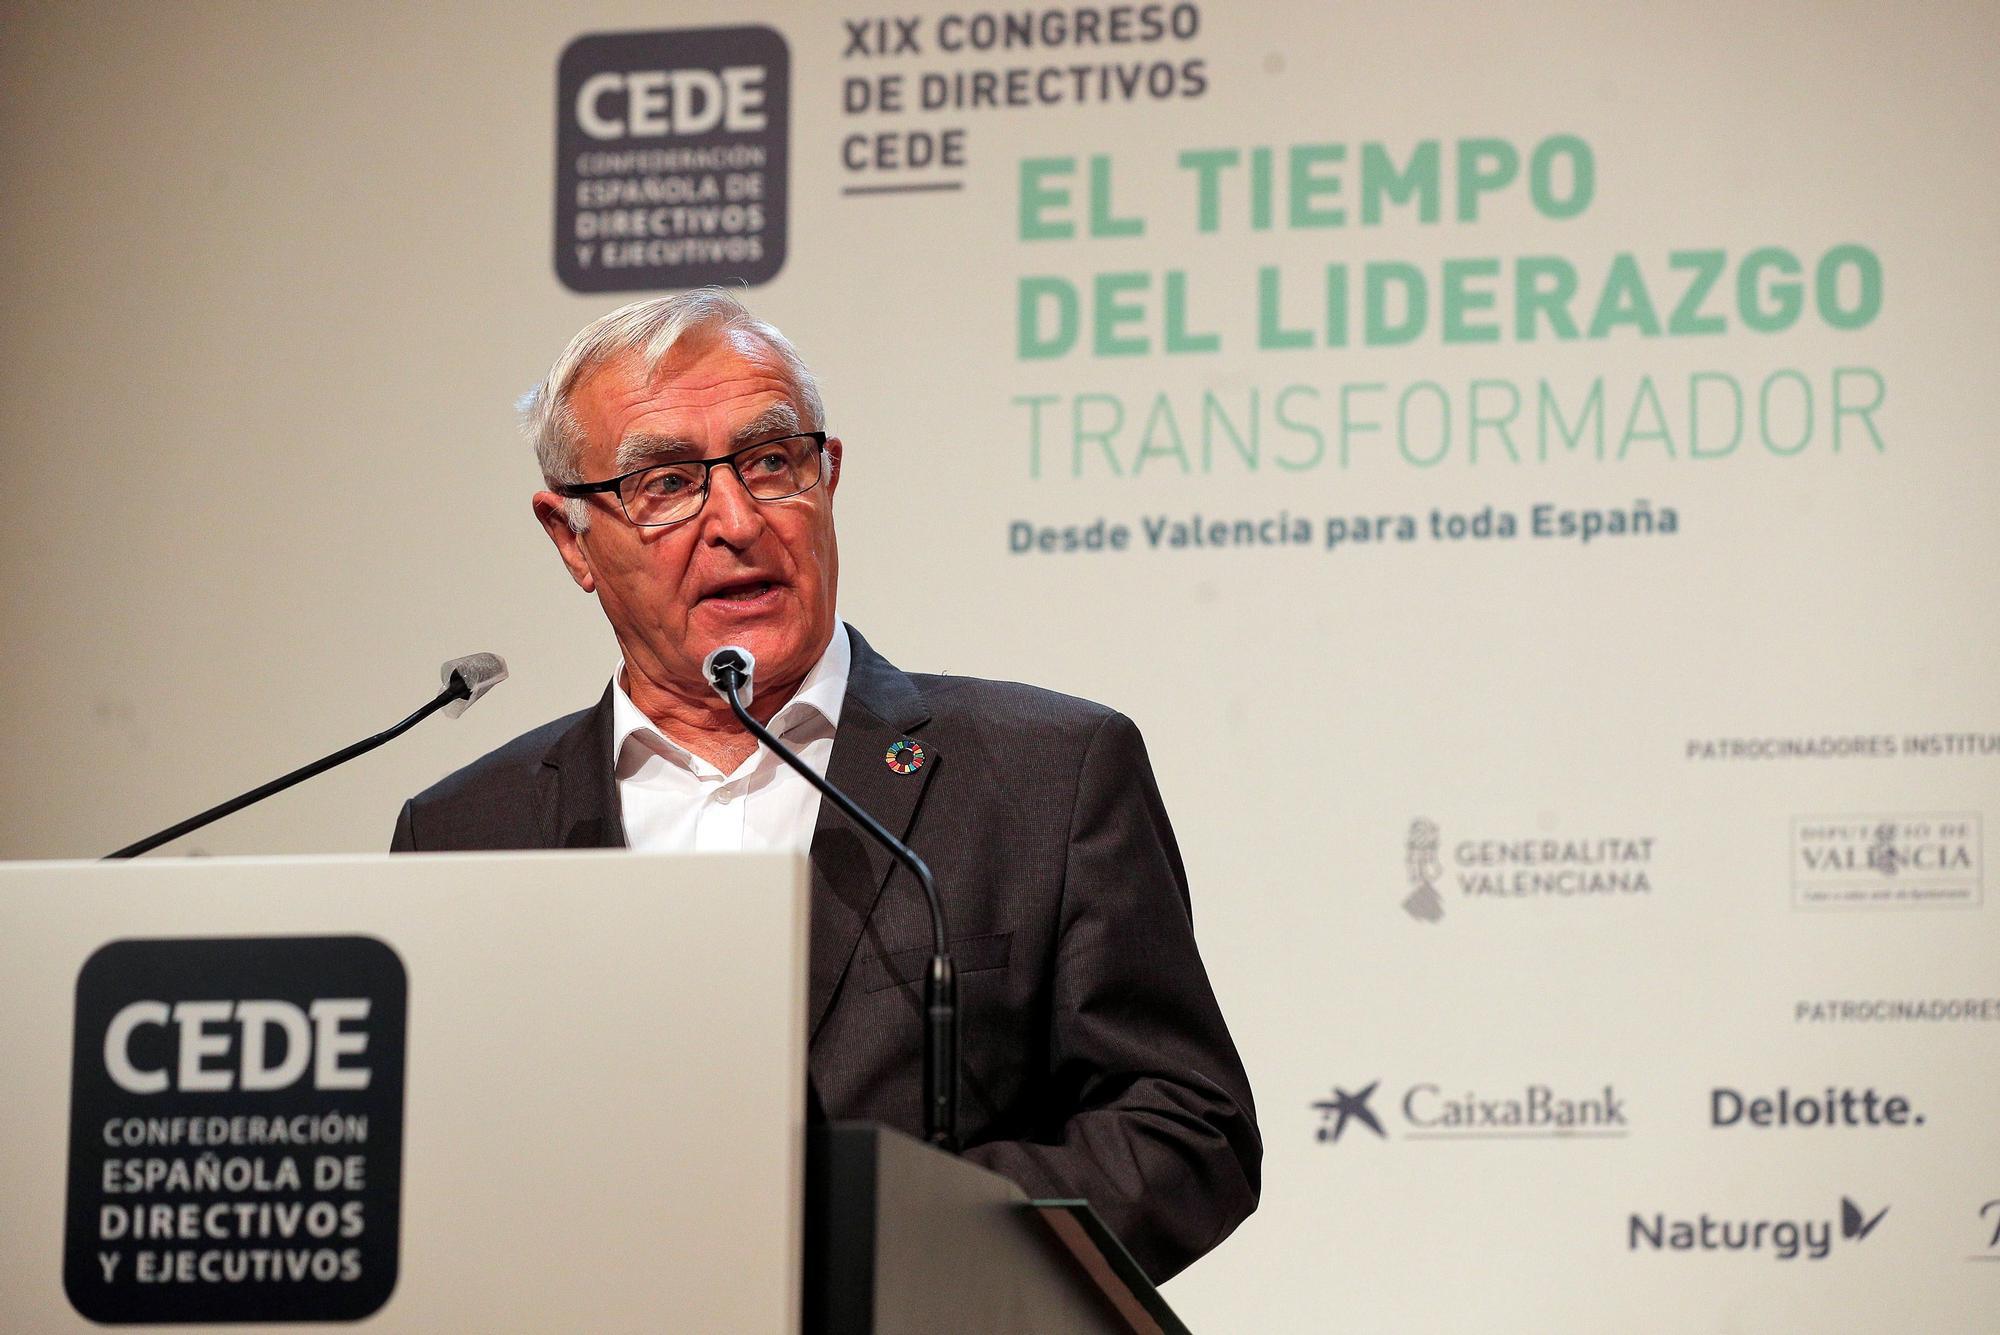 XIX Congreso Fundación CEDE